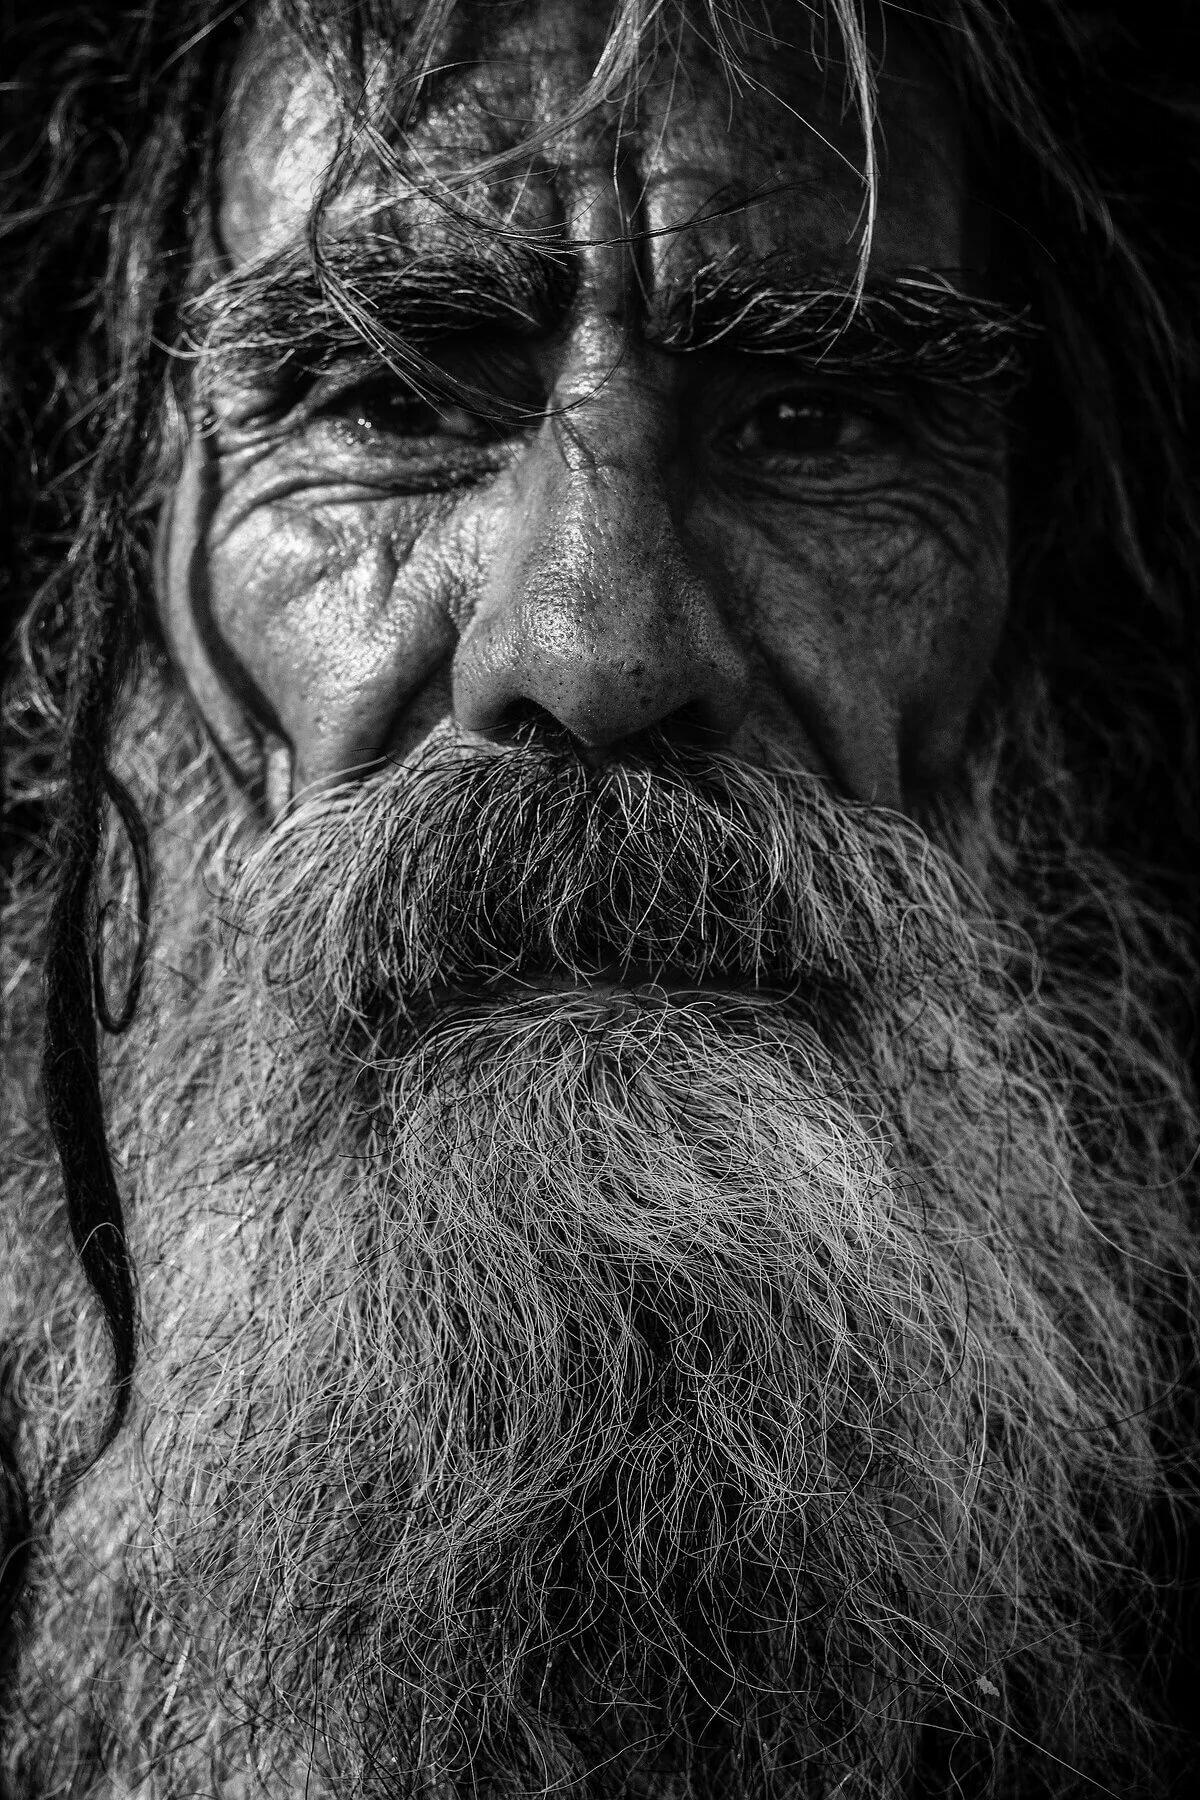 картинка старик с бородой свою